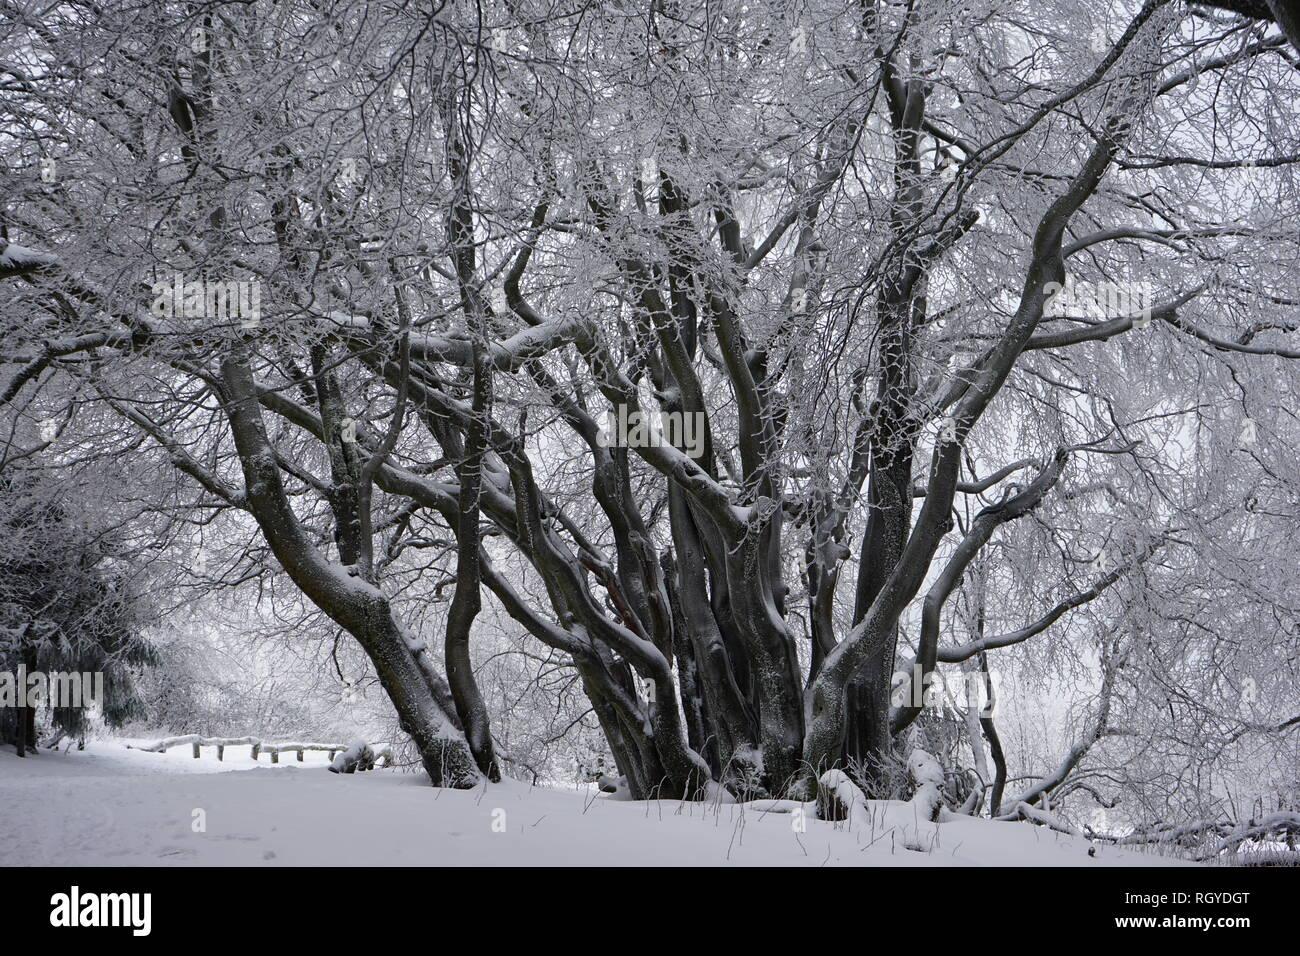 Buchengehölz am Großen Feldberg, Niederwald, Winterlandschaft, Hochtaunus, Taunus, Hessen, Deutschland Stock Photo